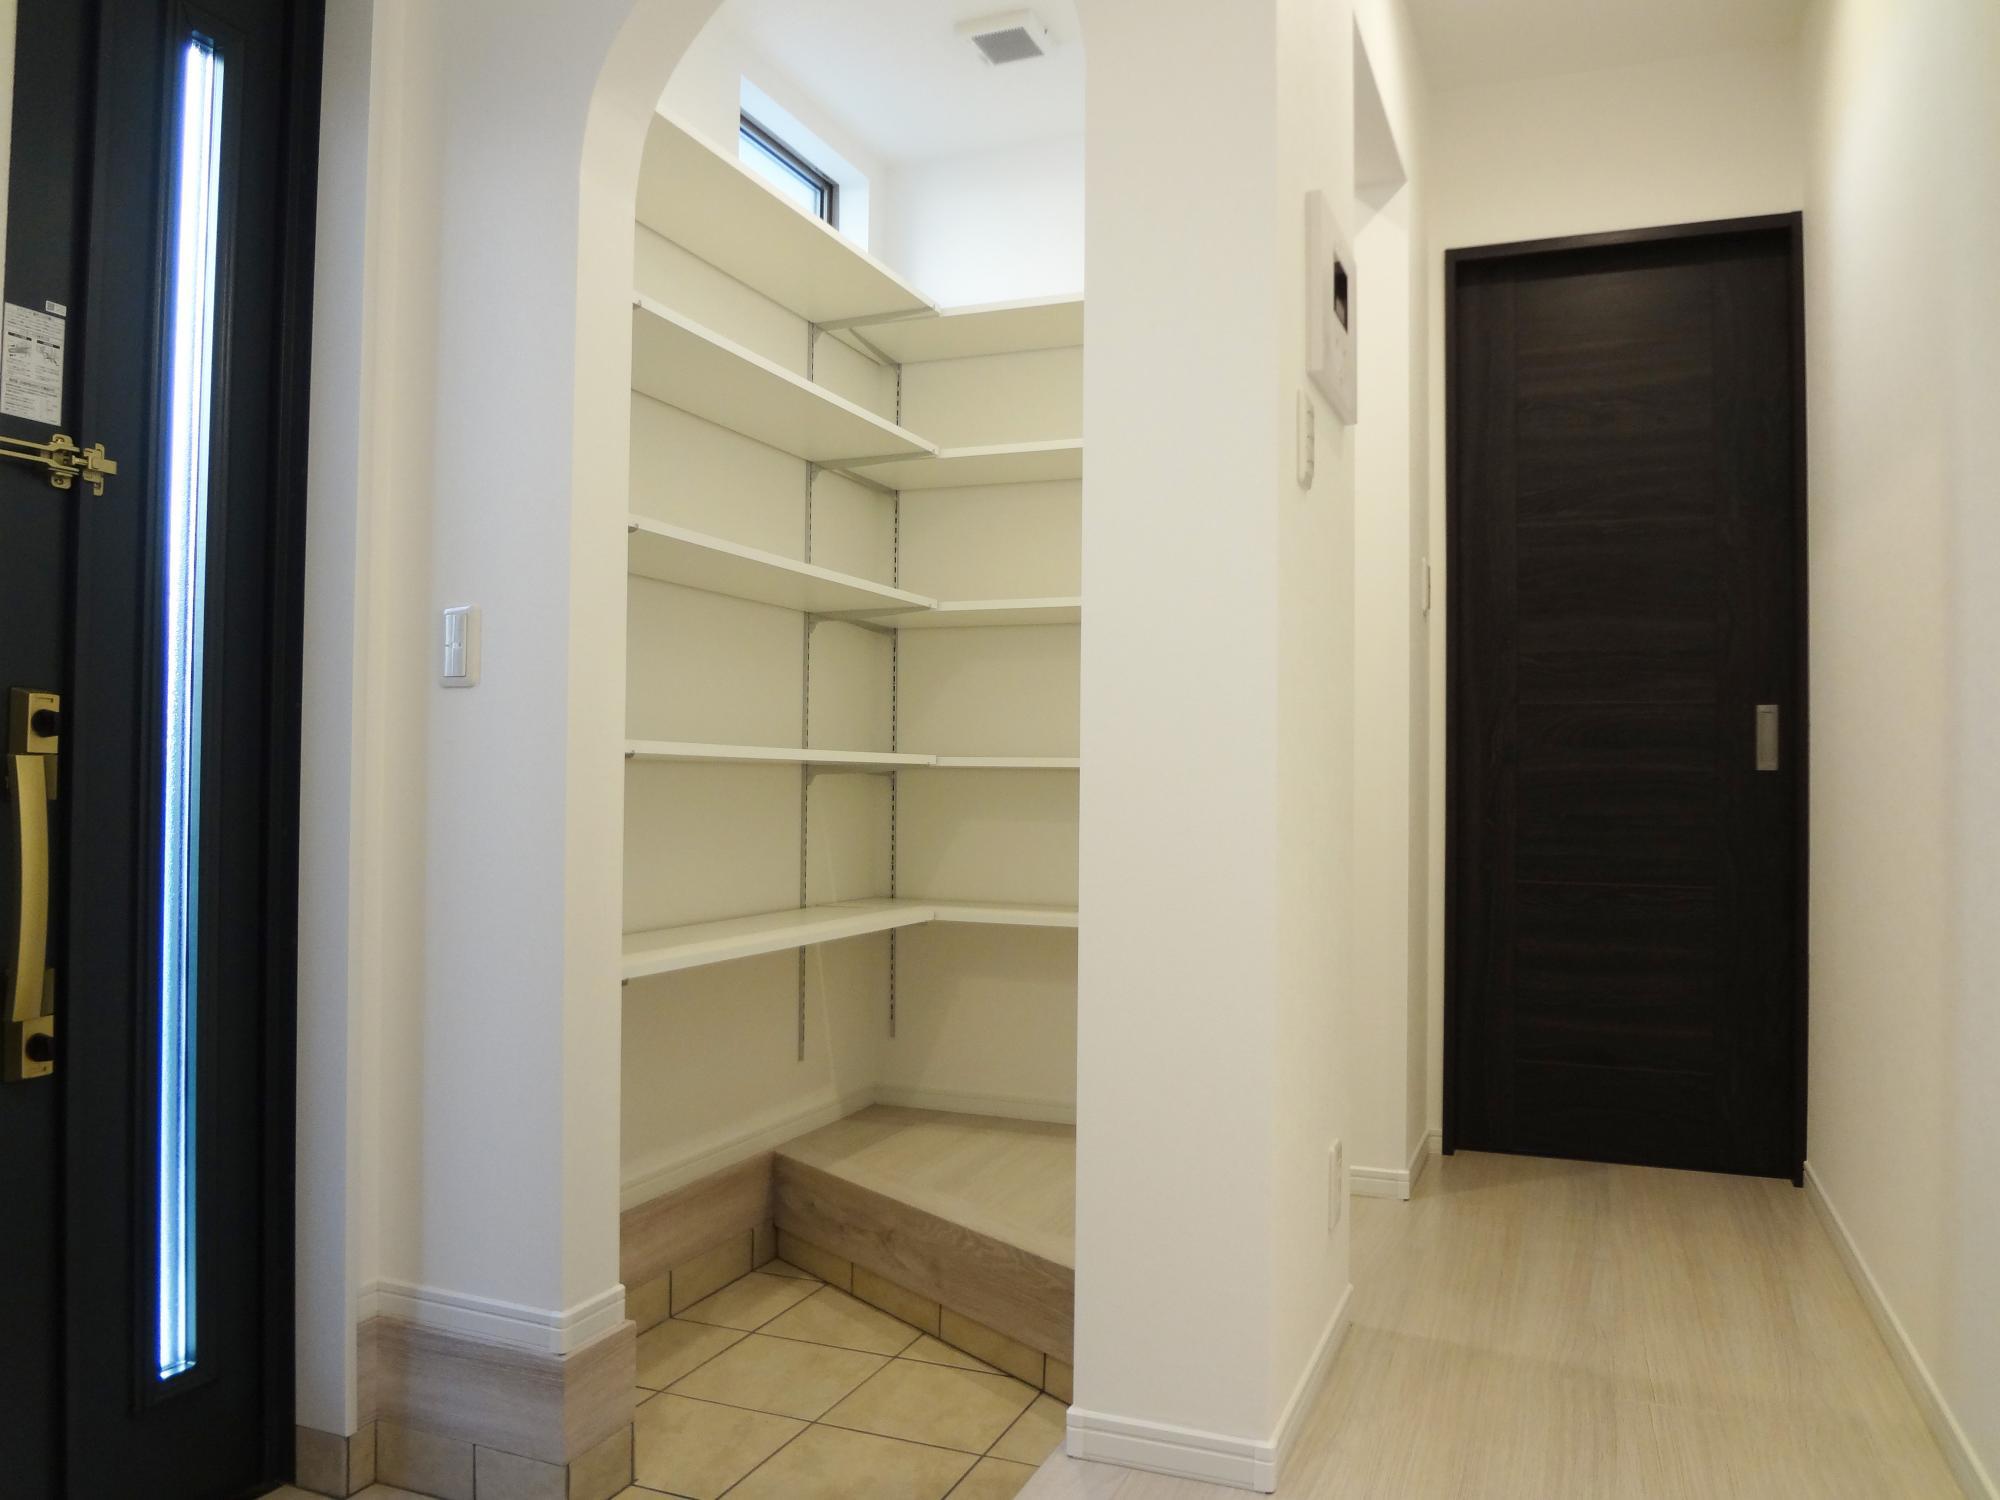 玄関土間収納。土間と床のどちらからでも棚まで「ある程度…手が届く」設計です。靴を履いたまま棚に手が届くと便利です。